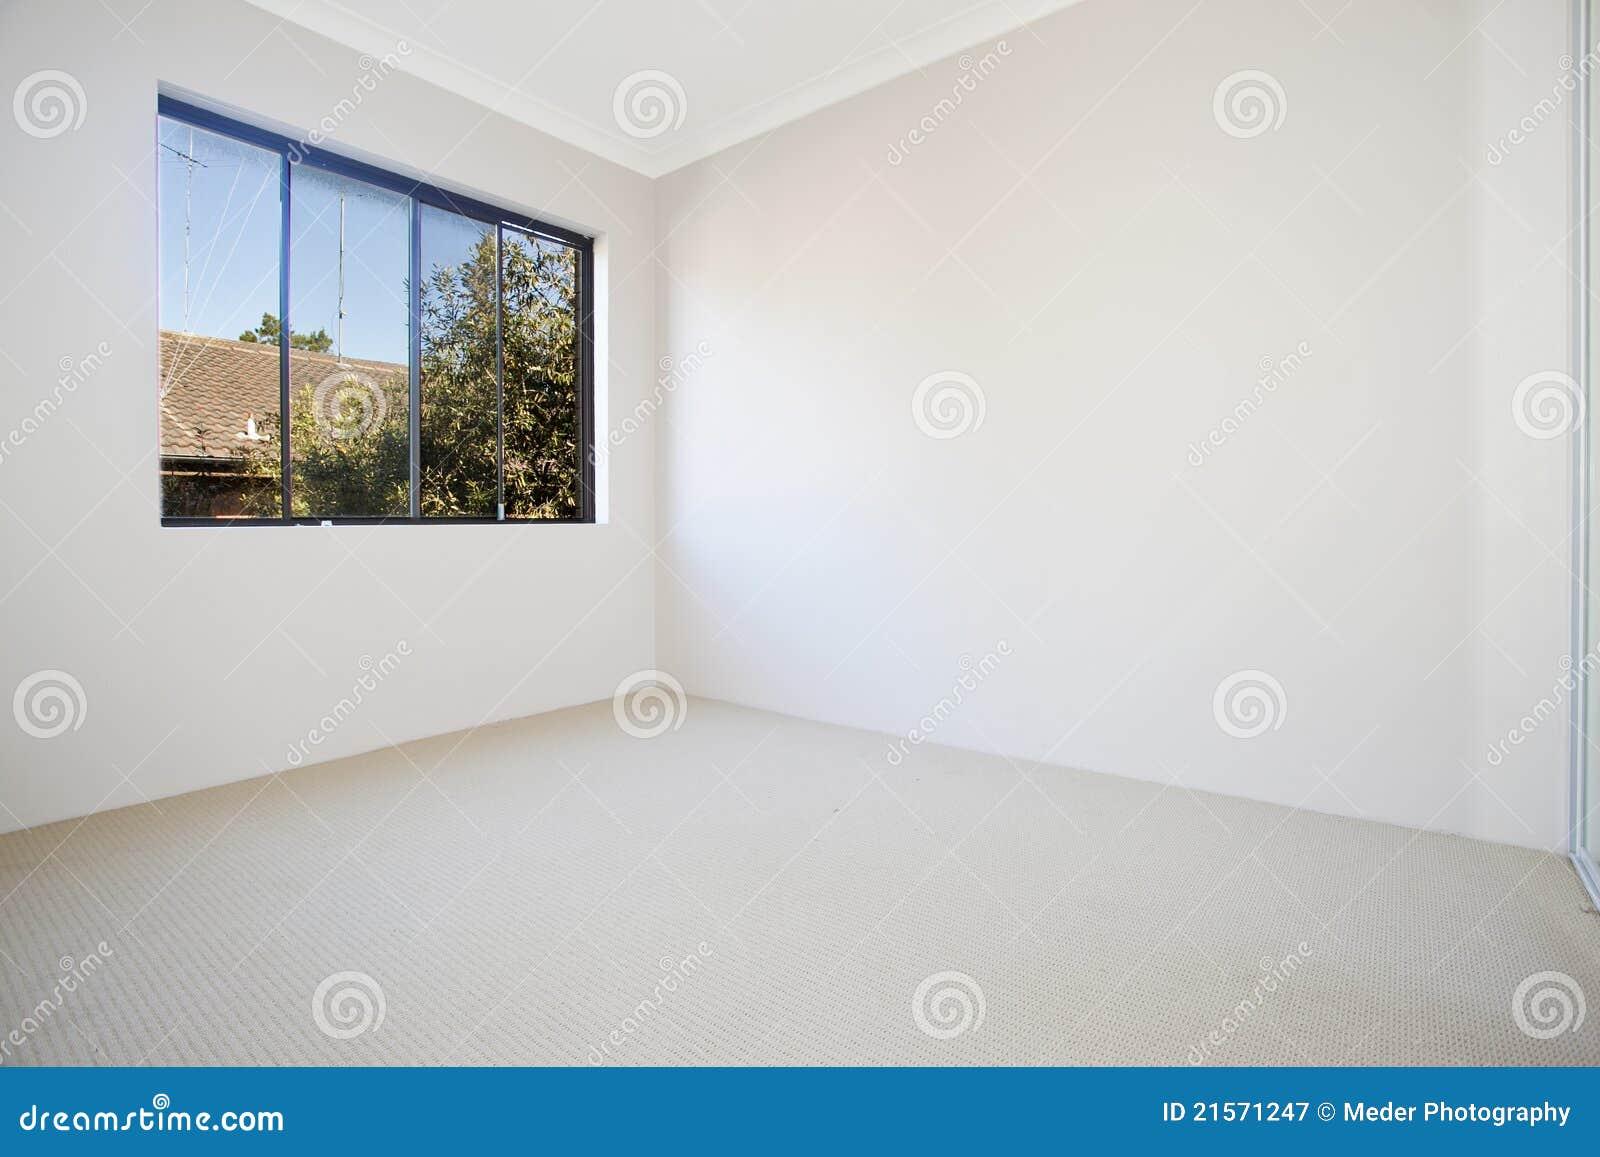 Leerer weißer Raum